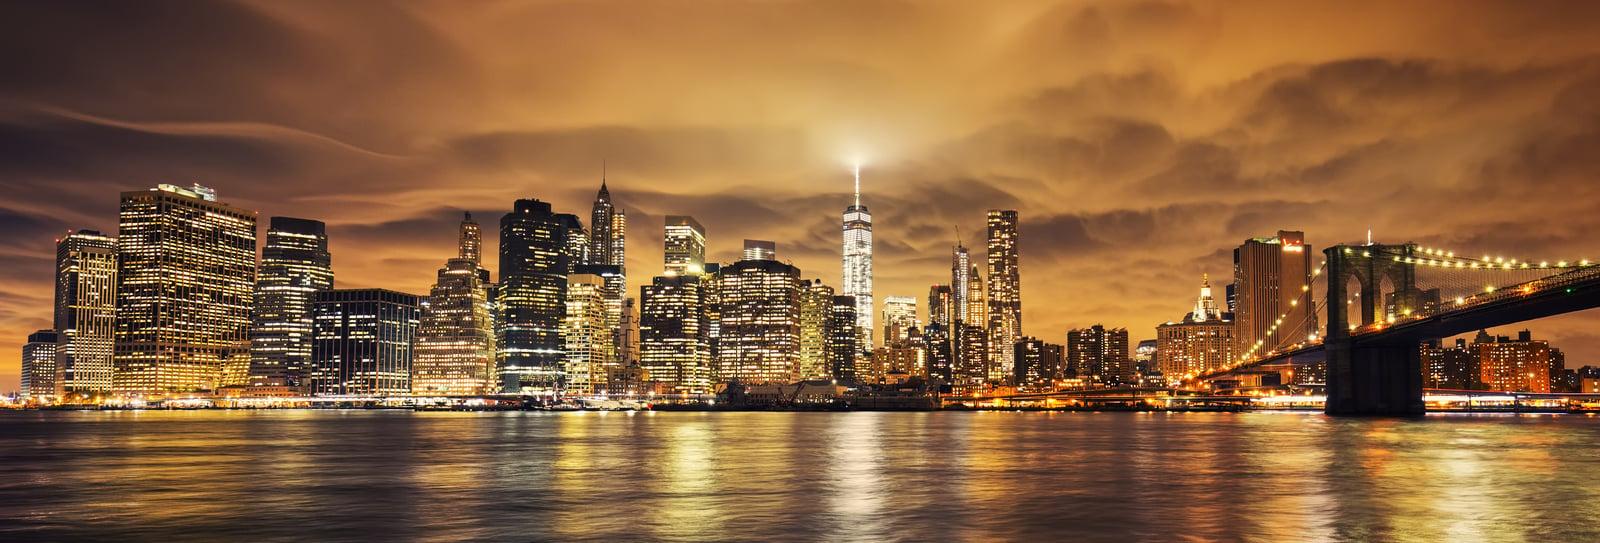 Herald Square Manhattan, NY Private Investigator